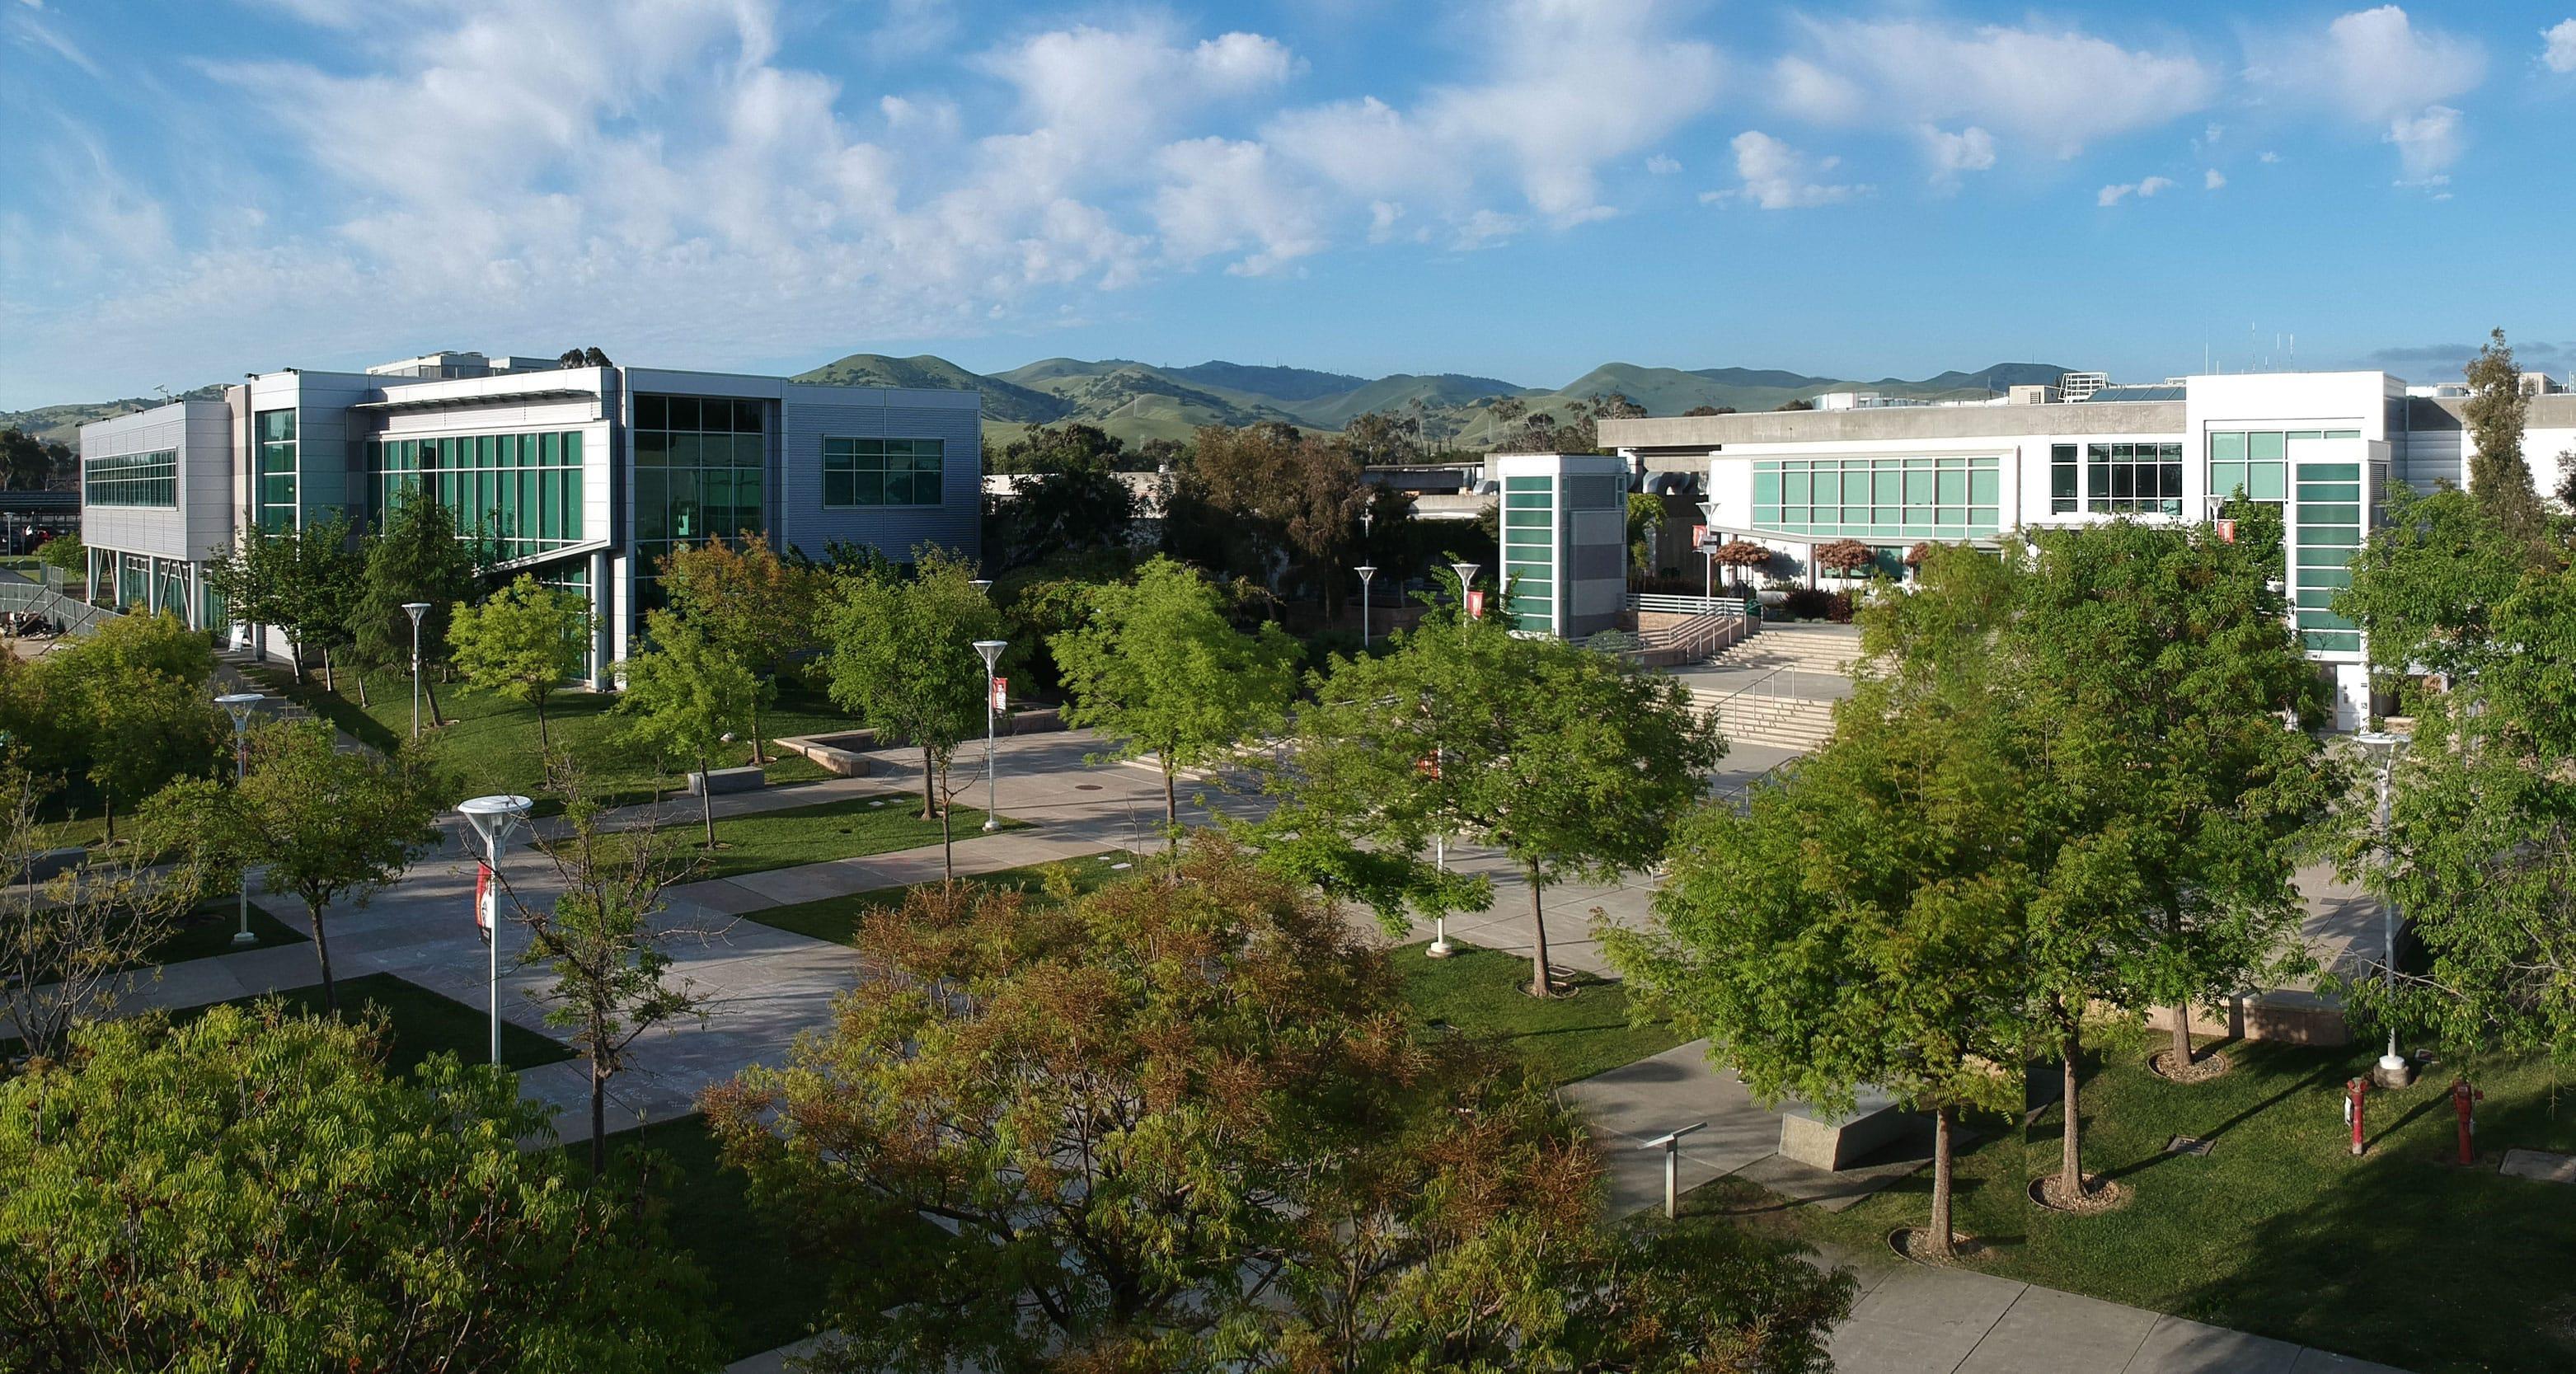 Explore the LMC Campus